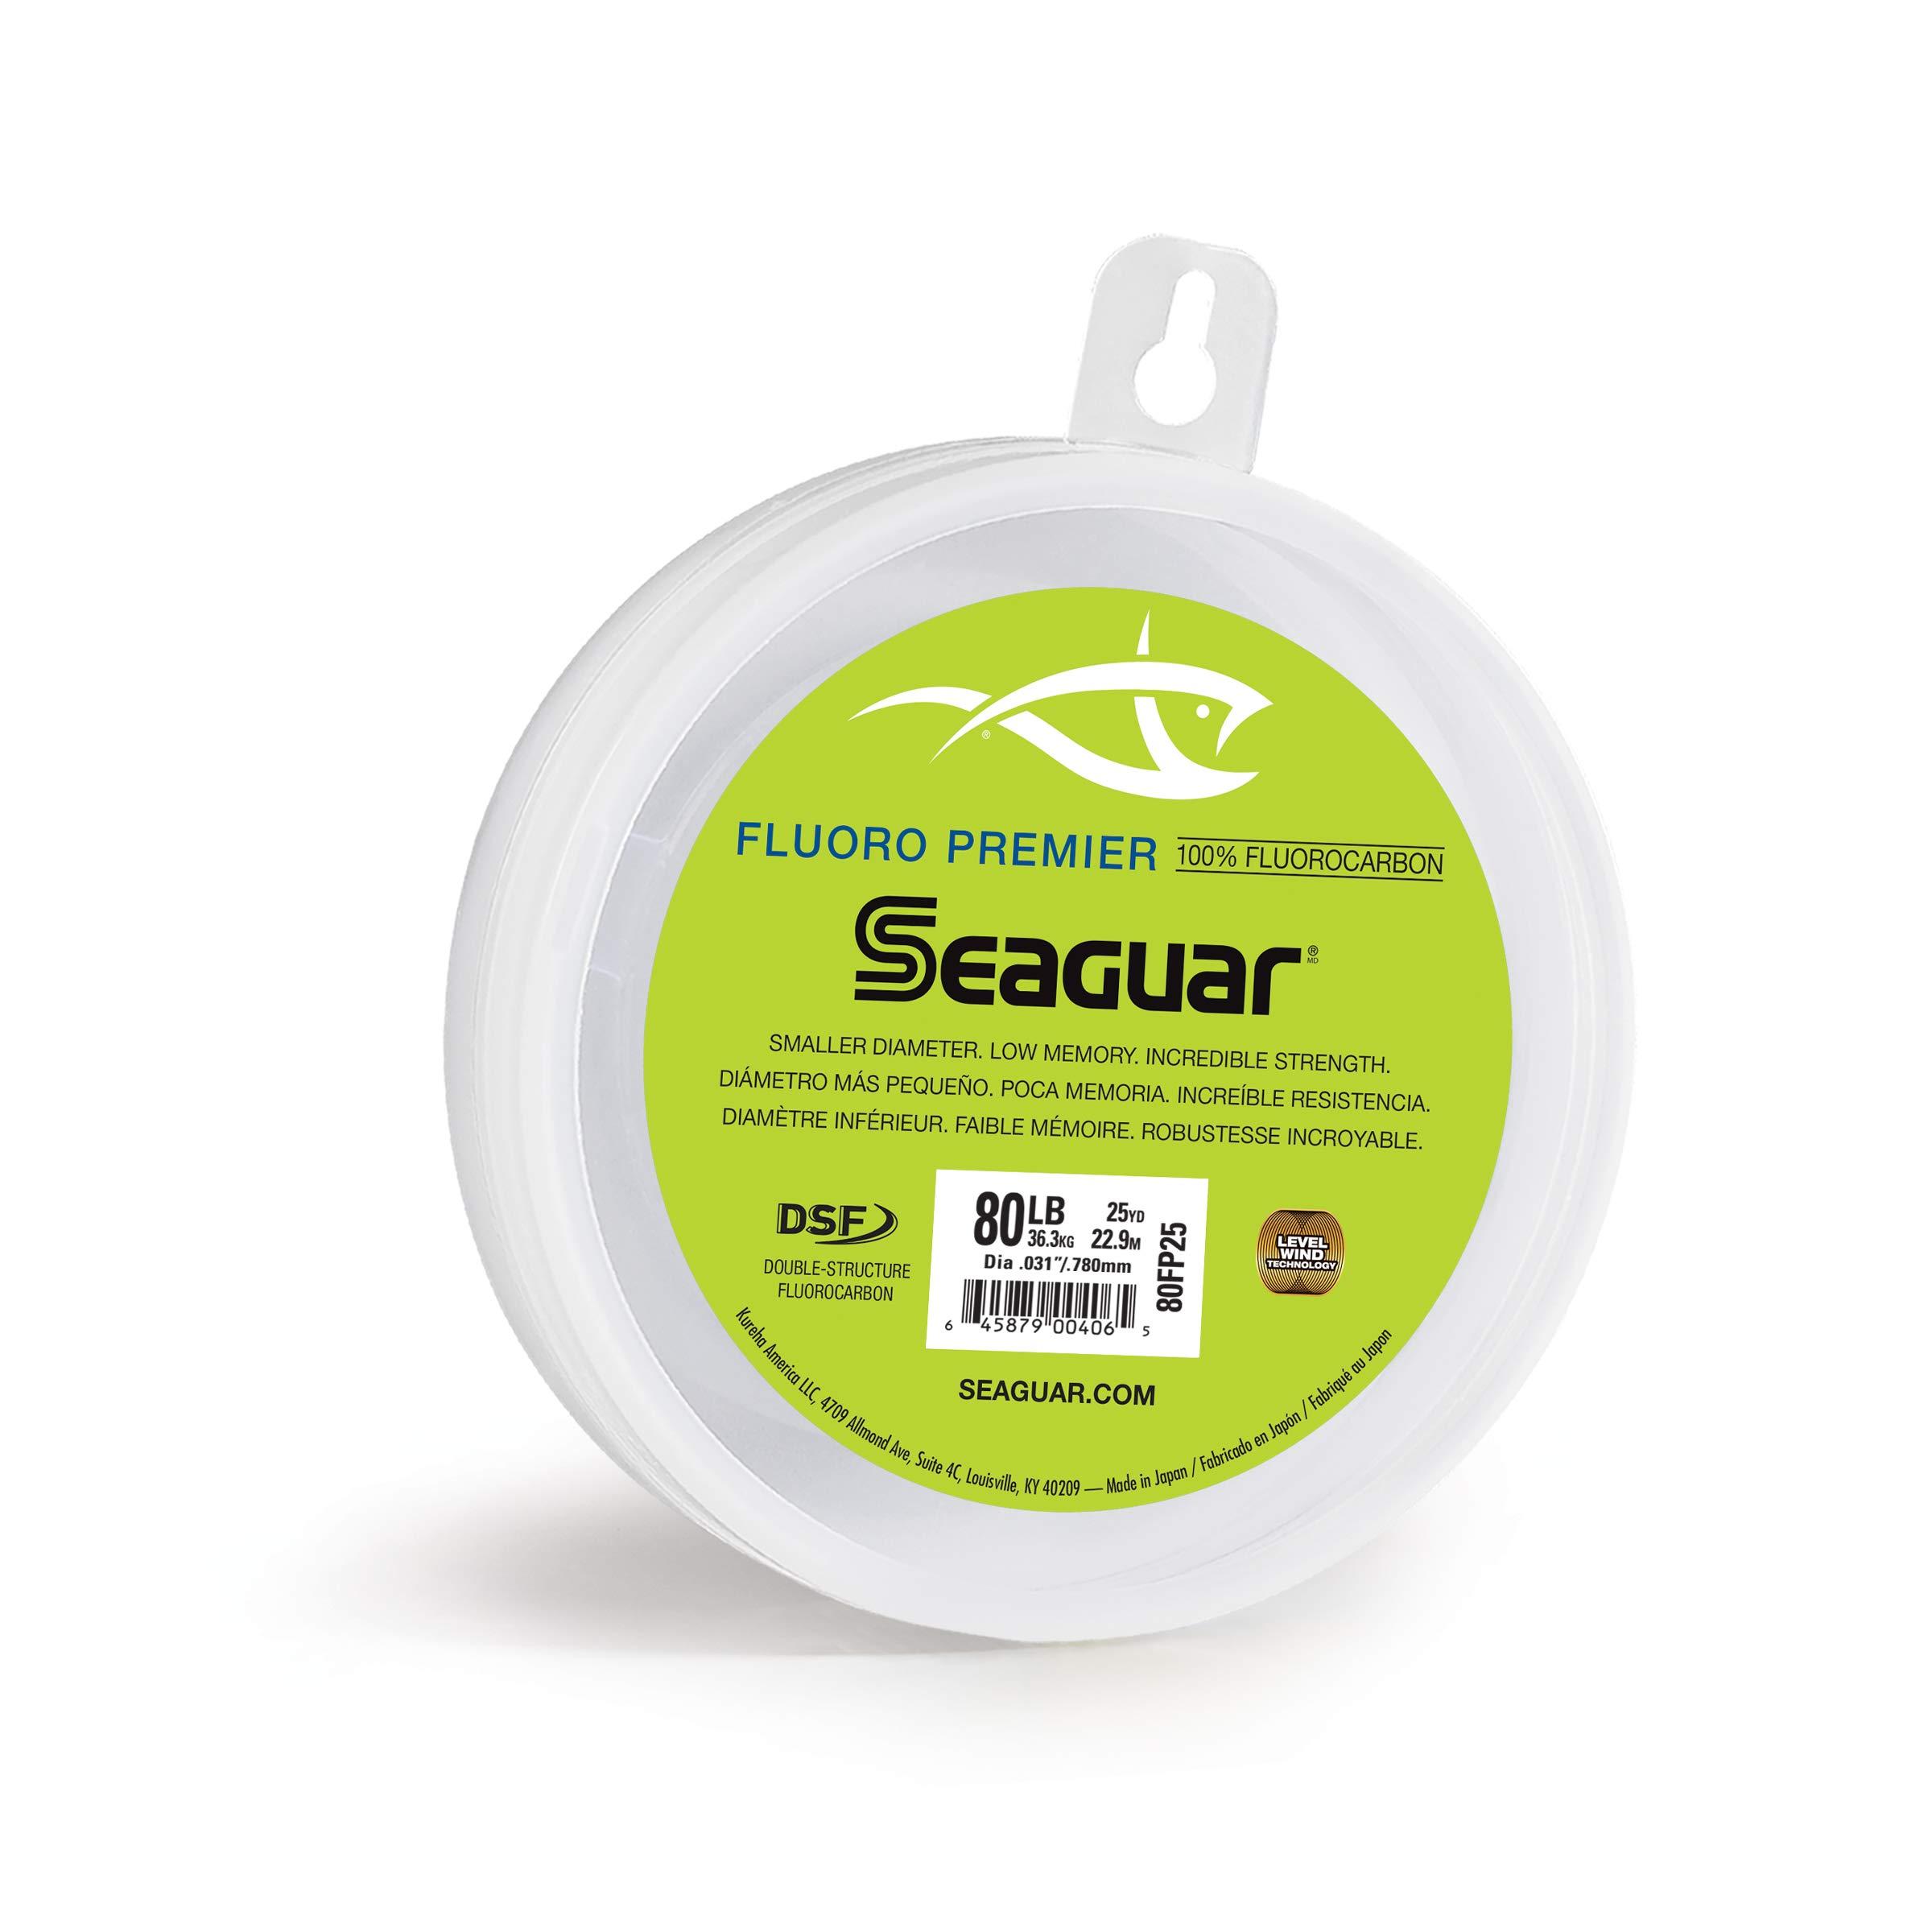 80fc25 Seaguar 1 Fluorocarbon Leader 25 Yds 80 LB for sale online